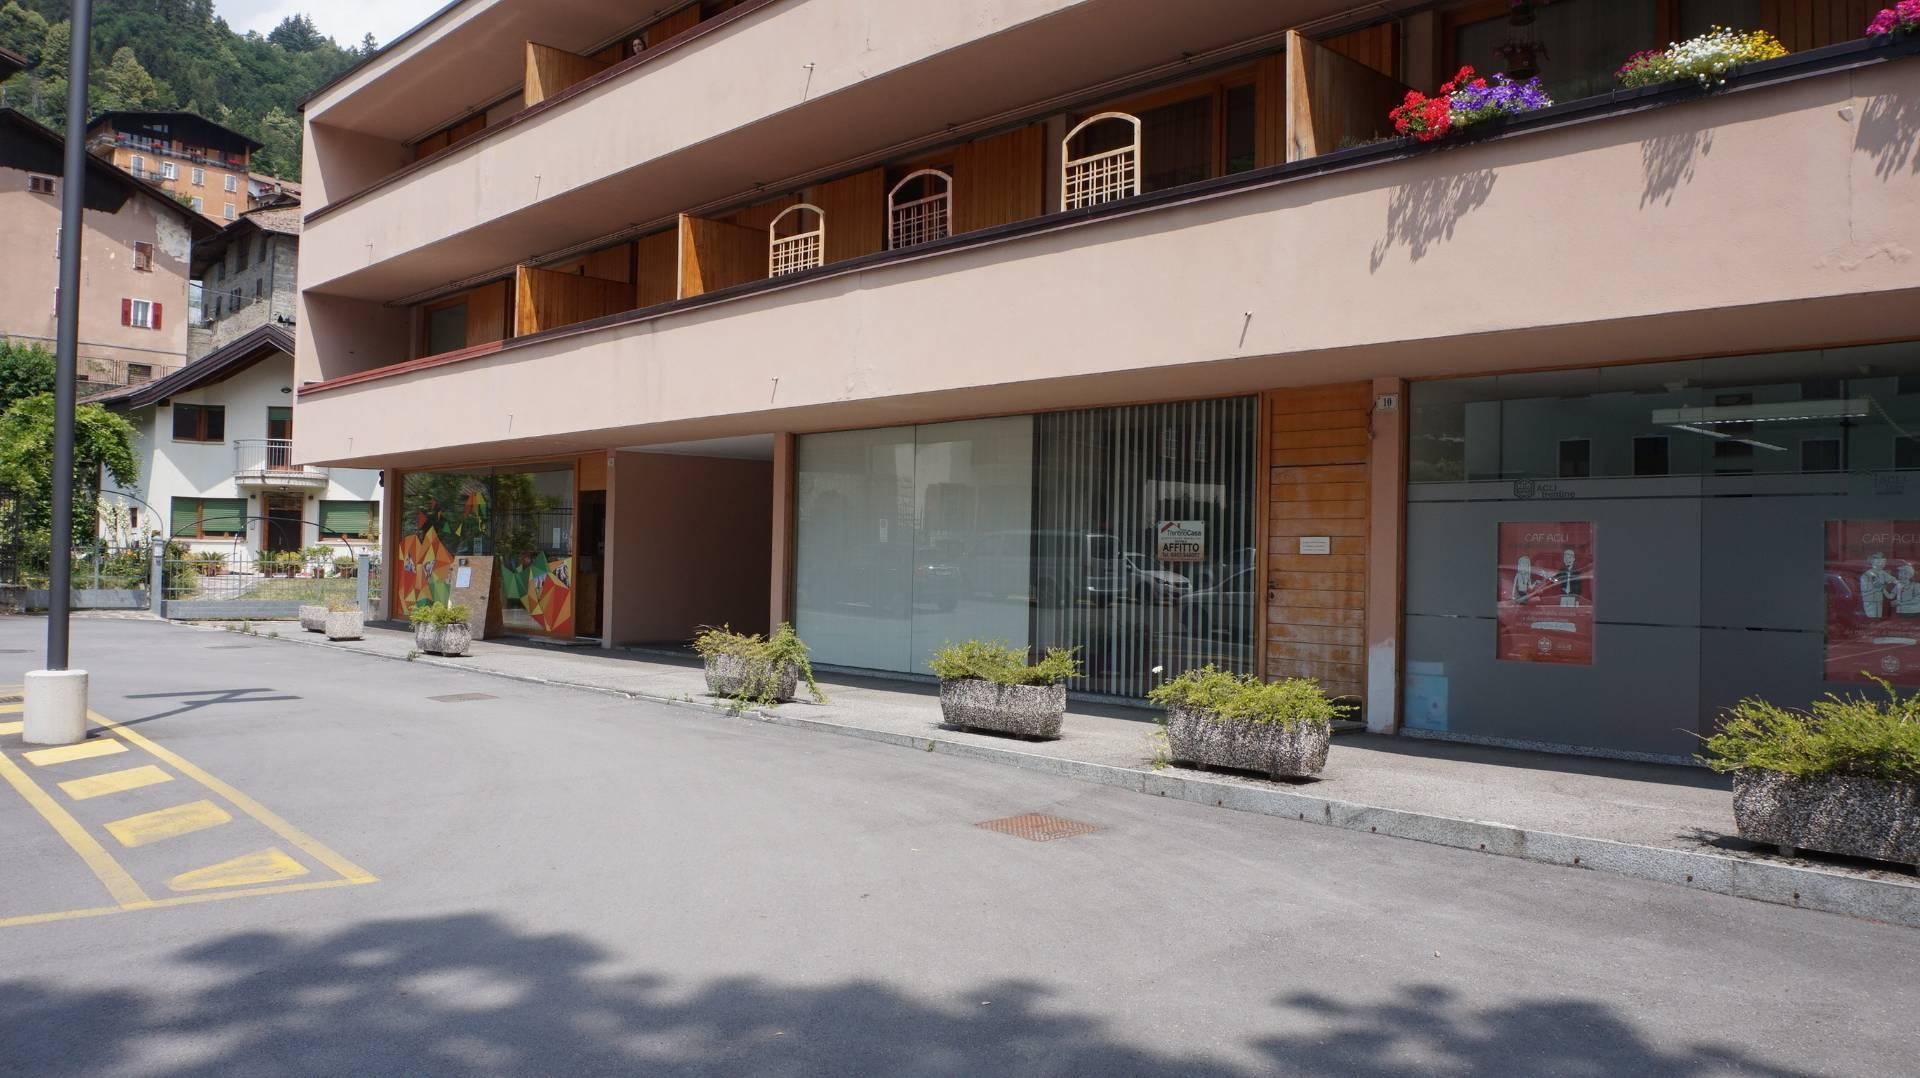 Negozio / Locale in vendita a Tione di Trento, 9999 locali, Trattative riservate | CambioCasa.it